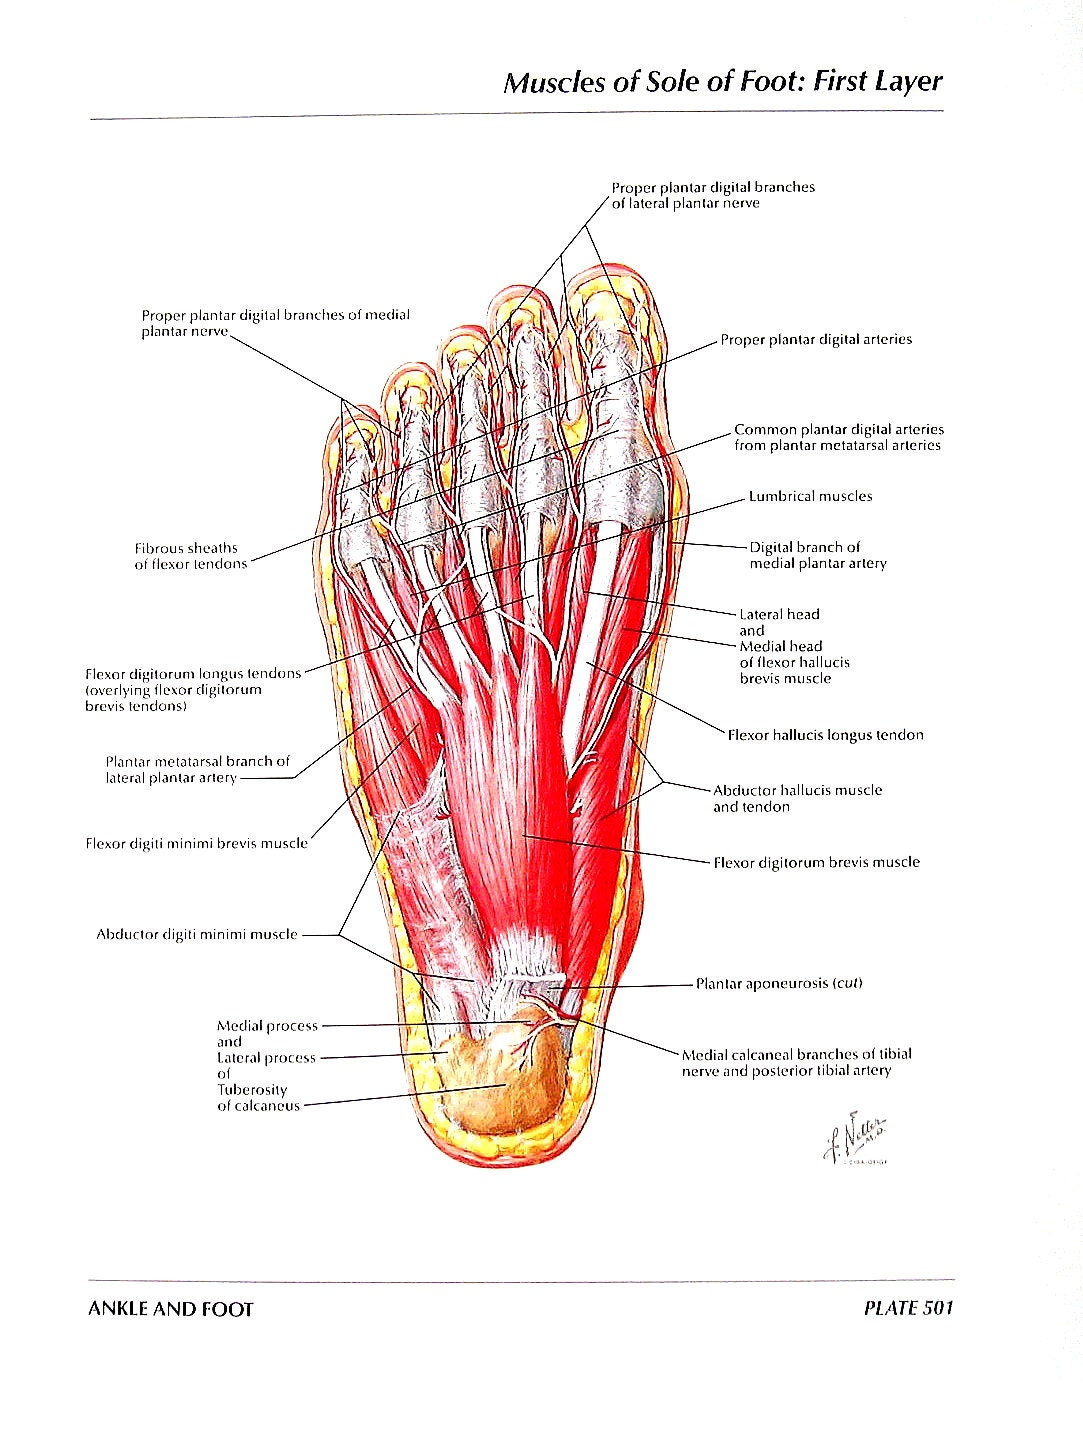 Anatomie Print Muskeln der Sohle des Fußes erste und zweite